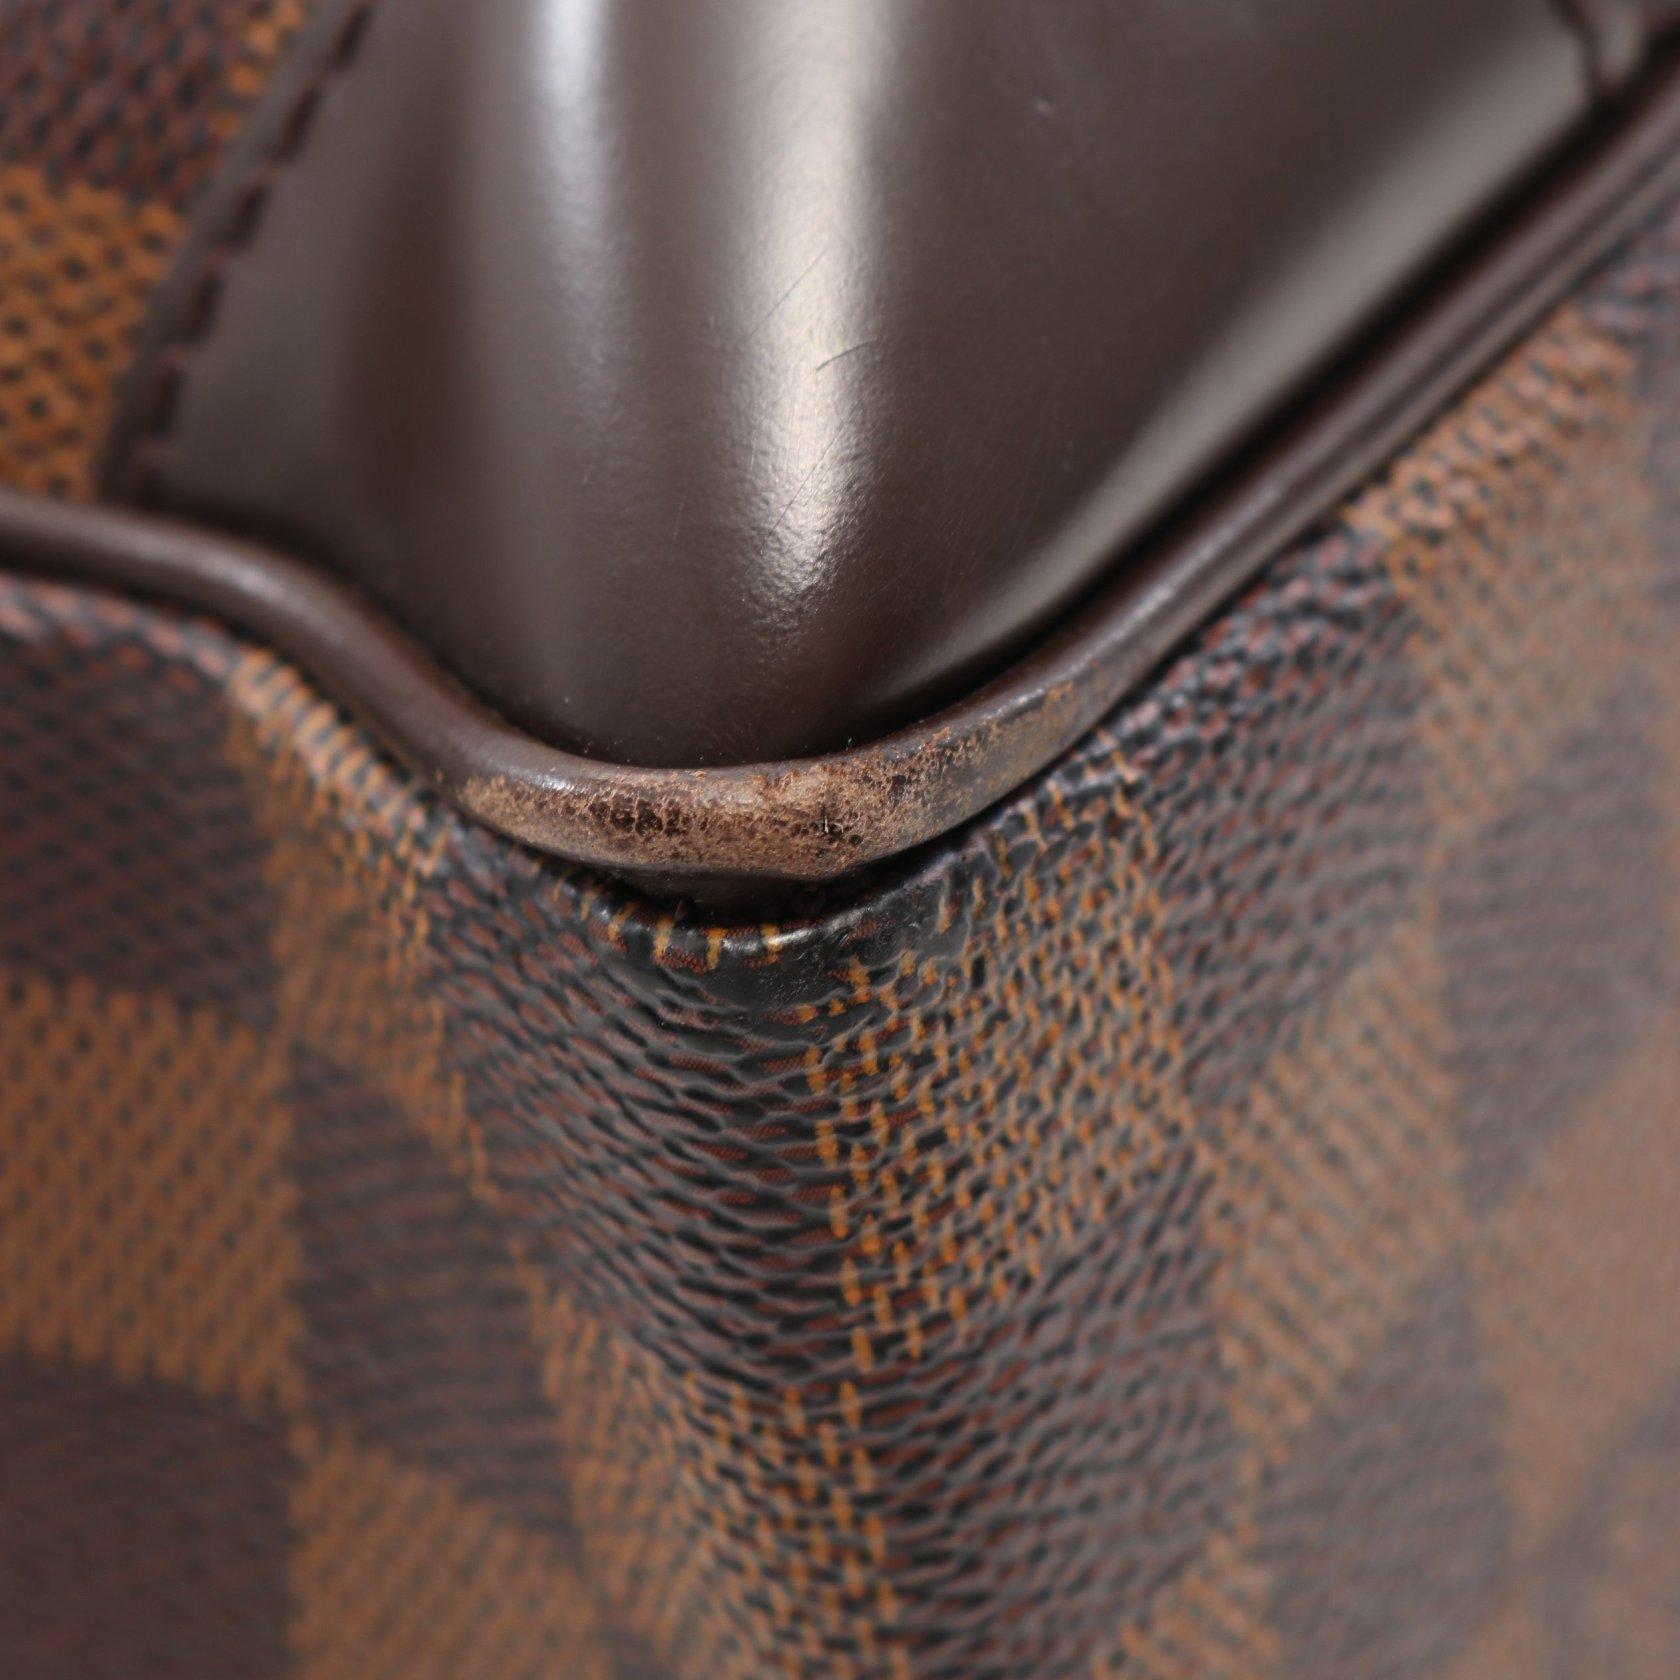 LOUIS VUITTON・バッグ・ポルトドキュマン ヴォワヤージュGM ダミエエベヌ ビジネスバッグ ブリーフケース PVC レザー ブラウン 2WAY